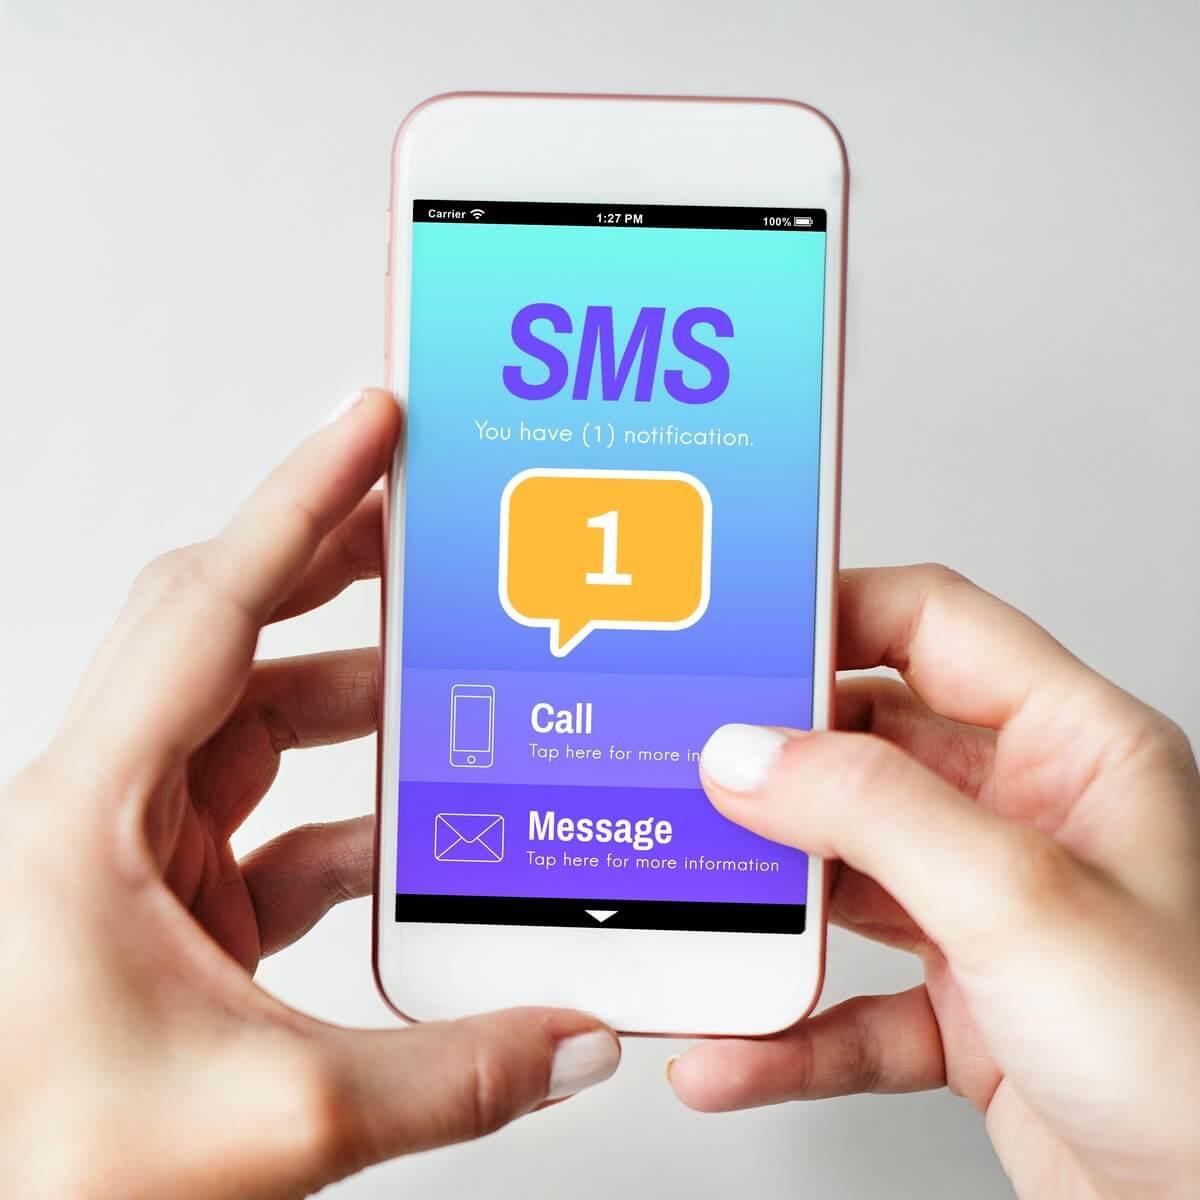 הודעת sms על כל ליד שנכנס